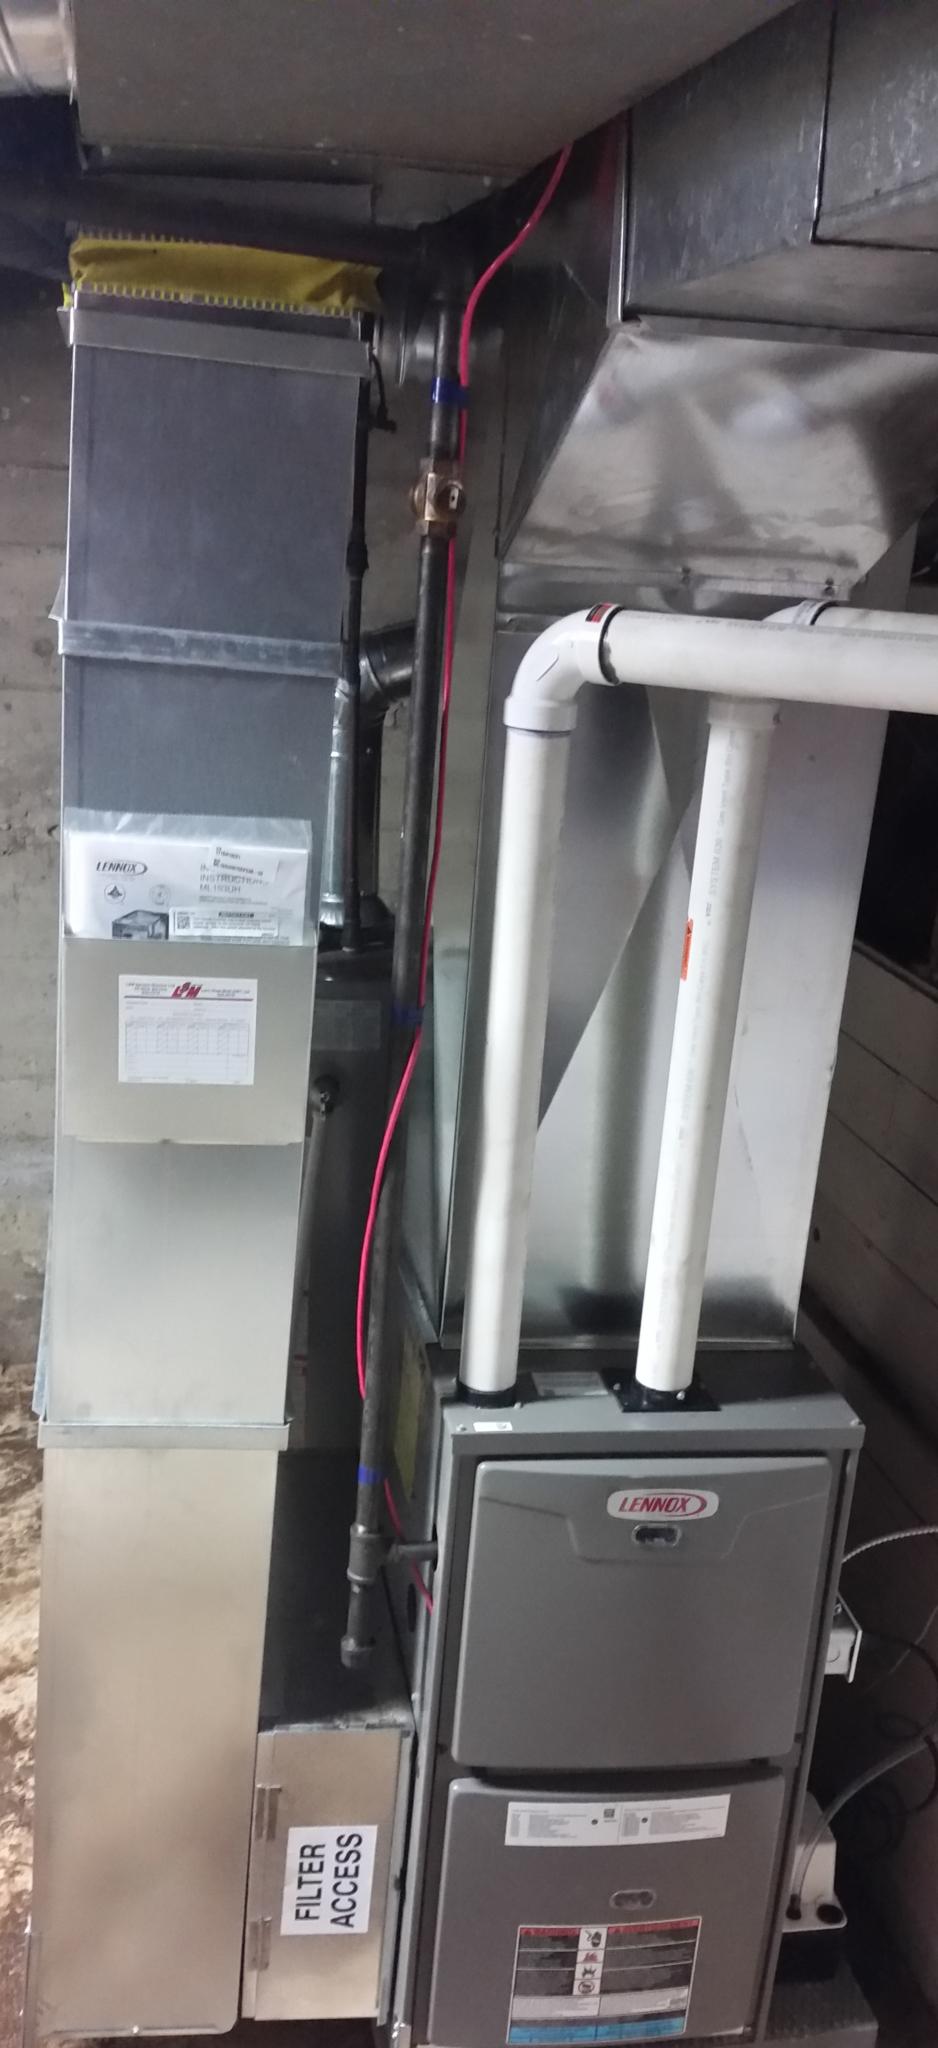 LSM-Lee's Sheet Metal Ltd in Grande Prairie: Furnace installation and repair.